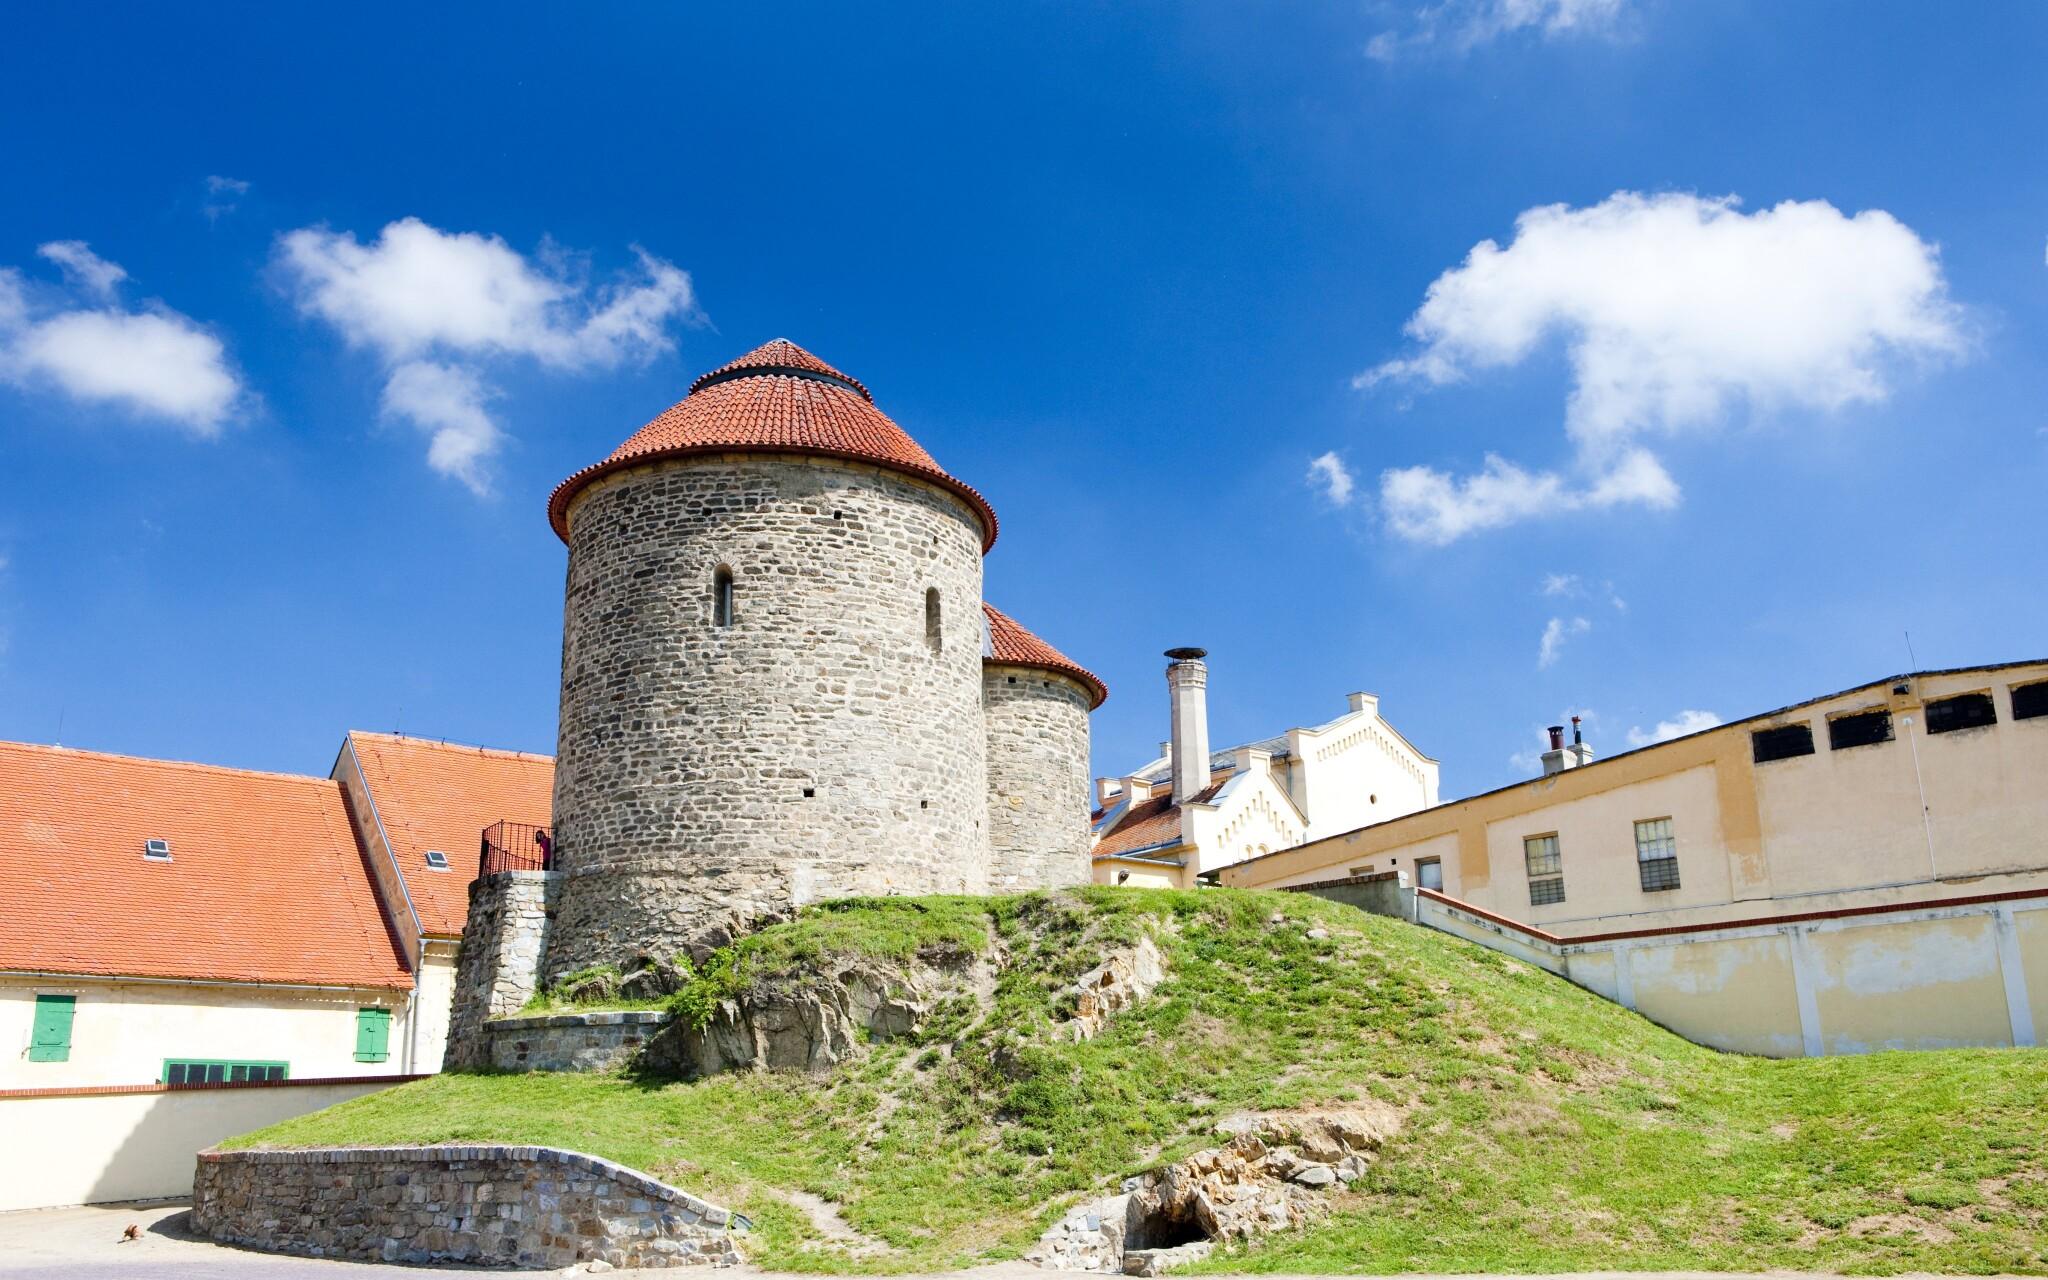 Užijte si pobyt plný zážitků na jižní Moravě ve Znojmě